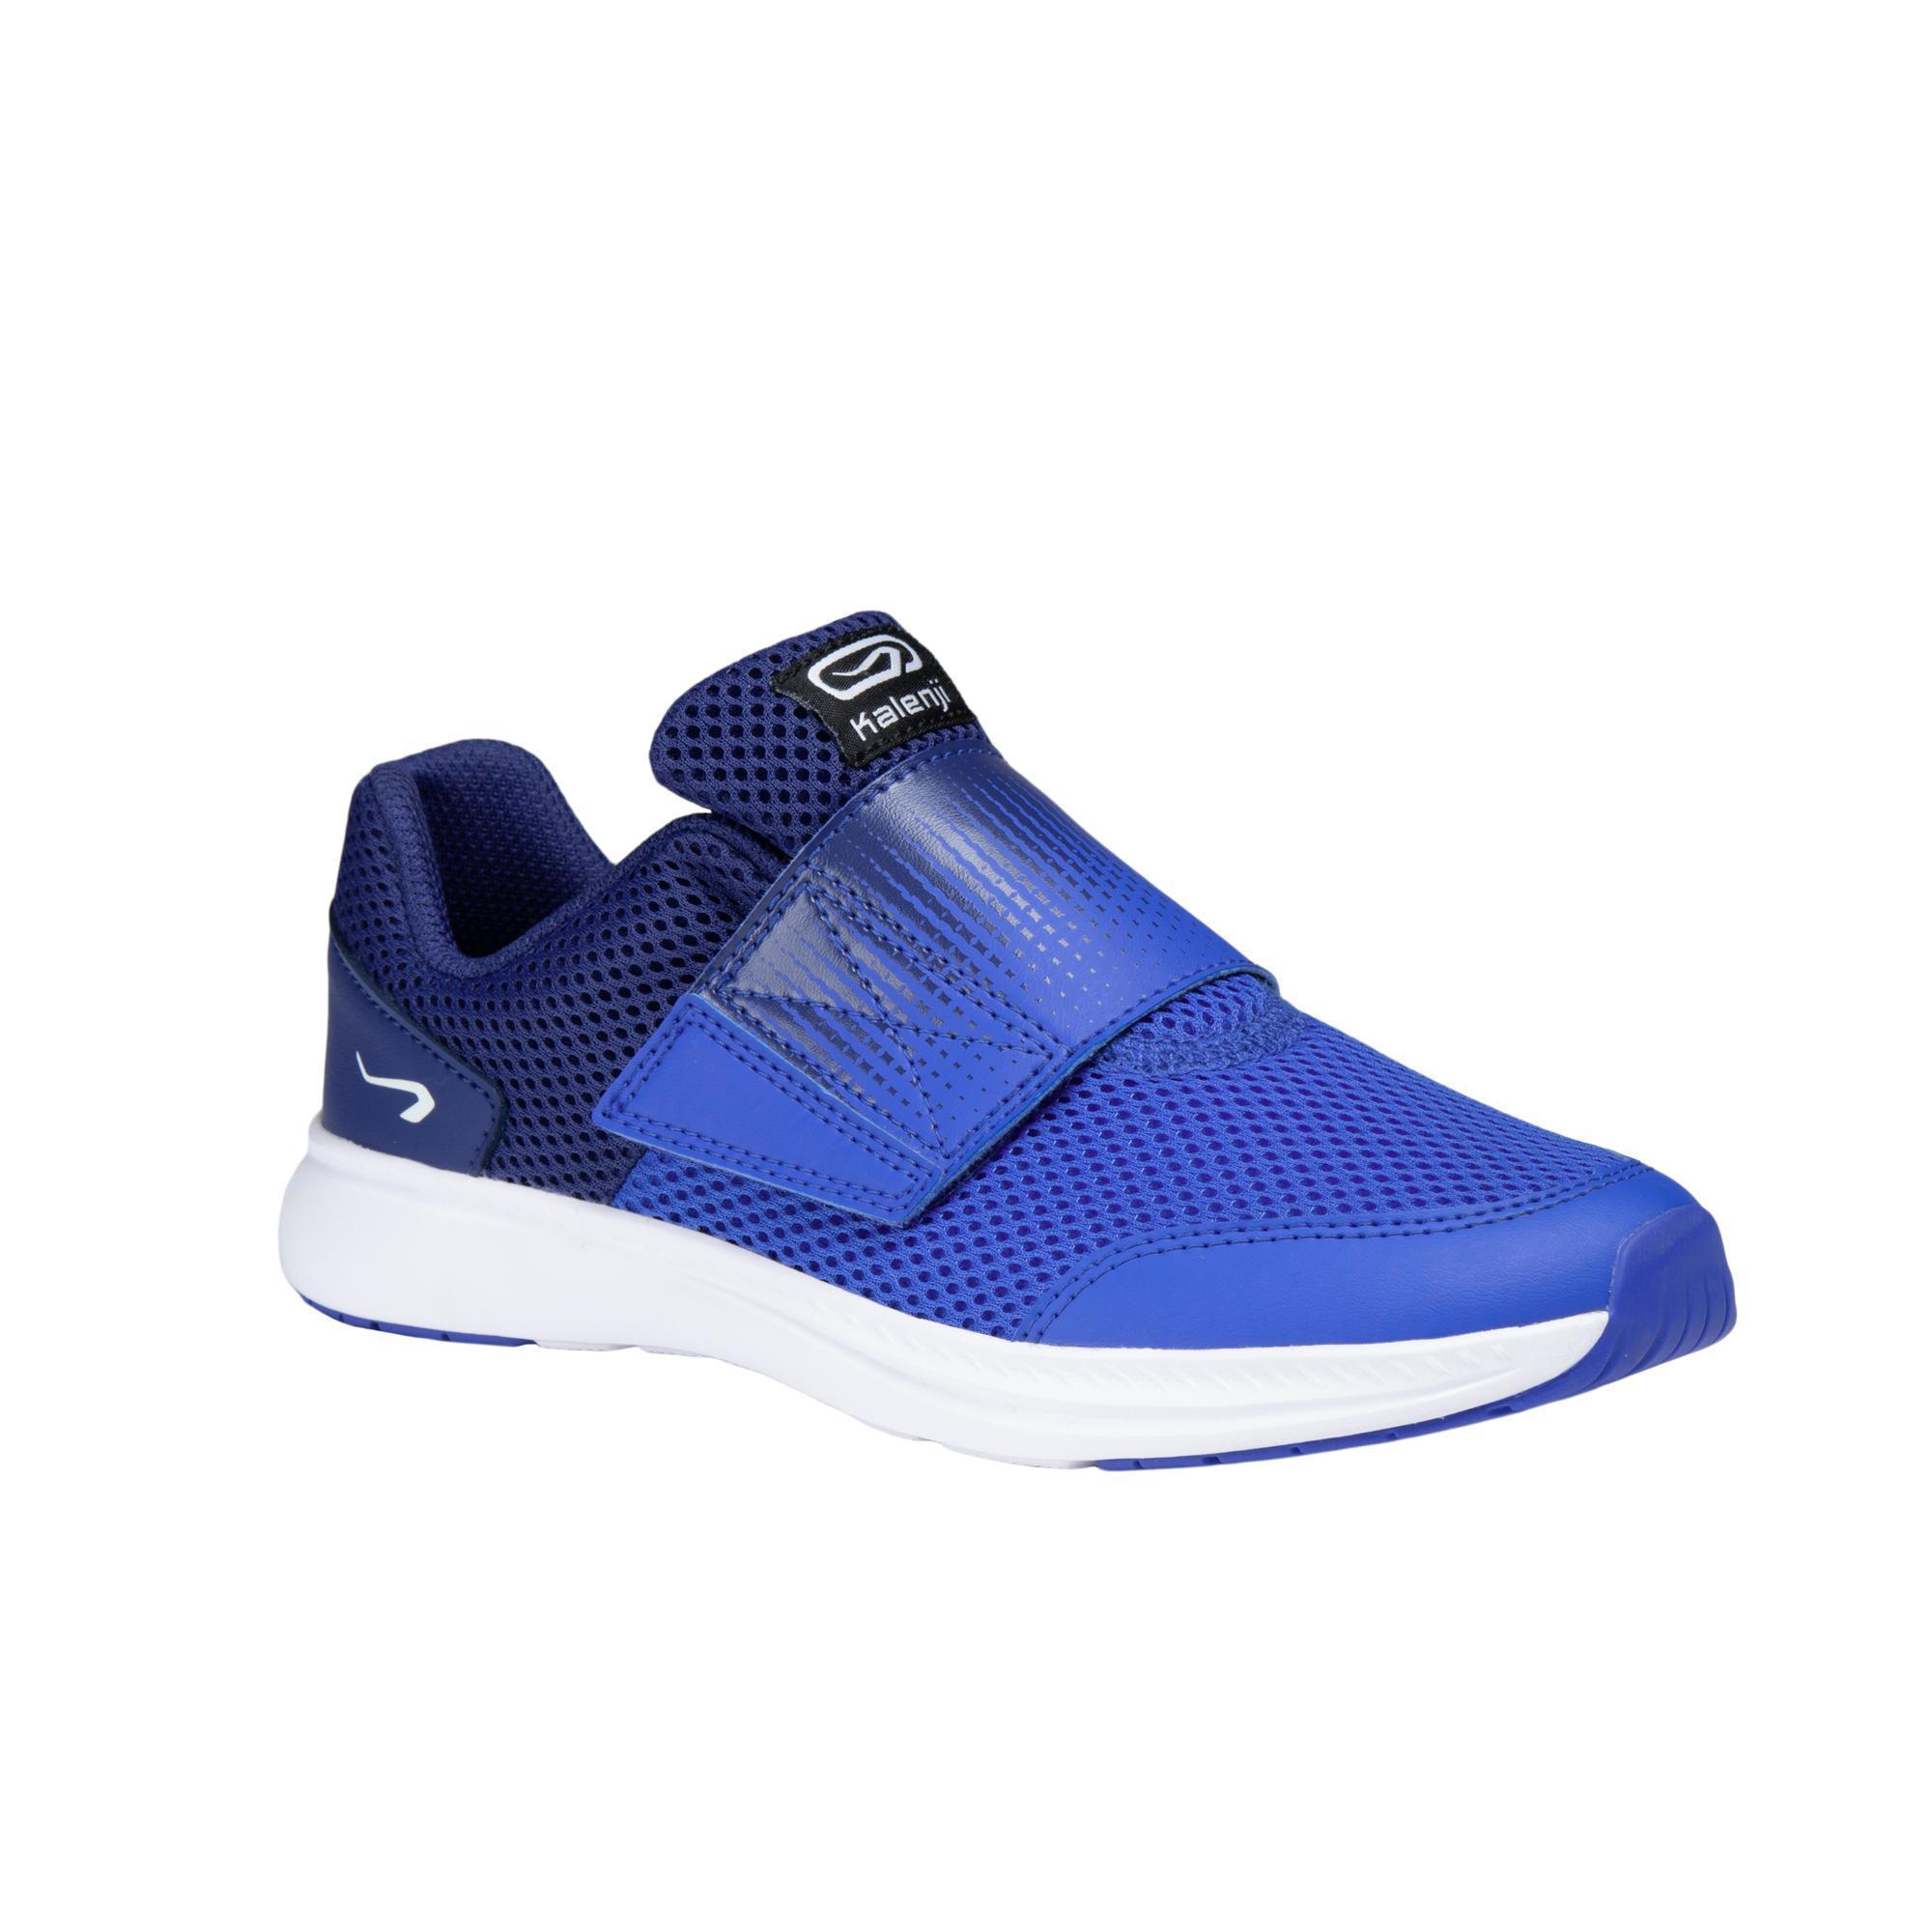 Laufschuhe Leichtathletik AT Easy Kinder blau